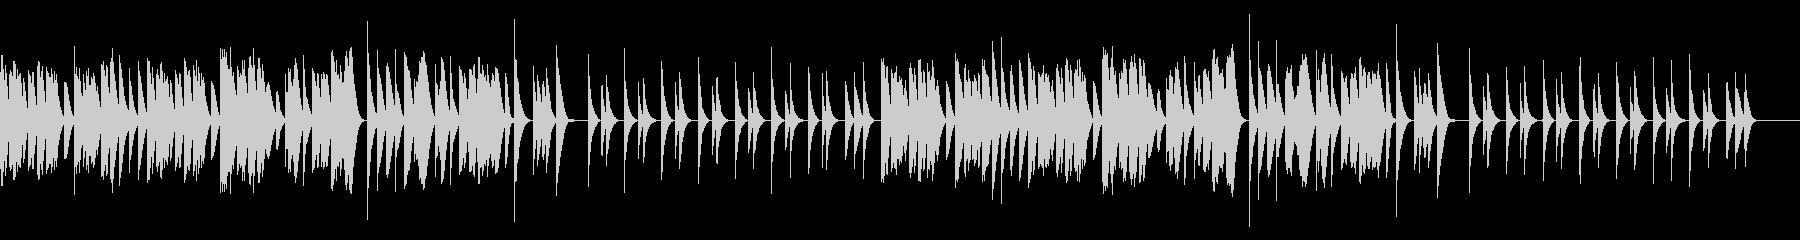 ほのぼのキュートな木琴の未再生の波形